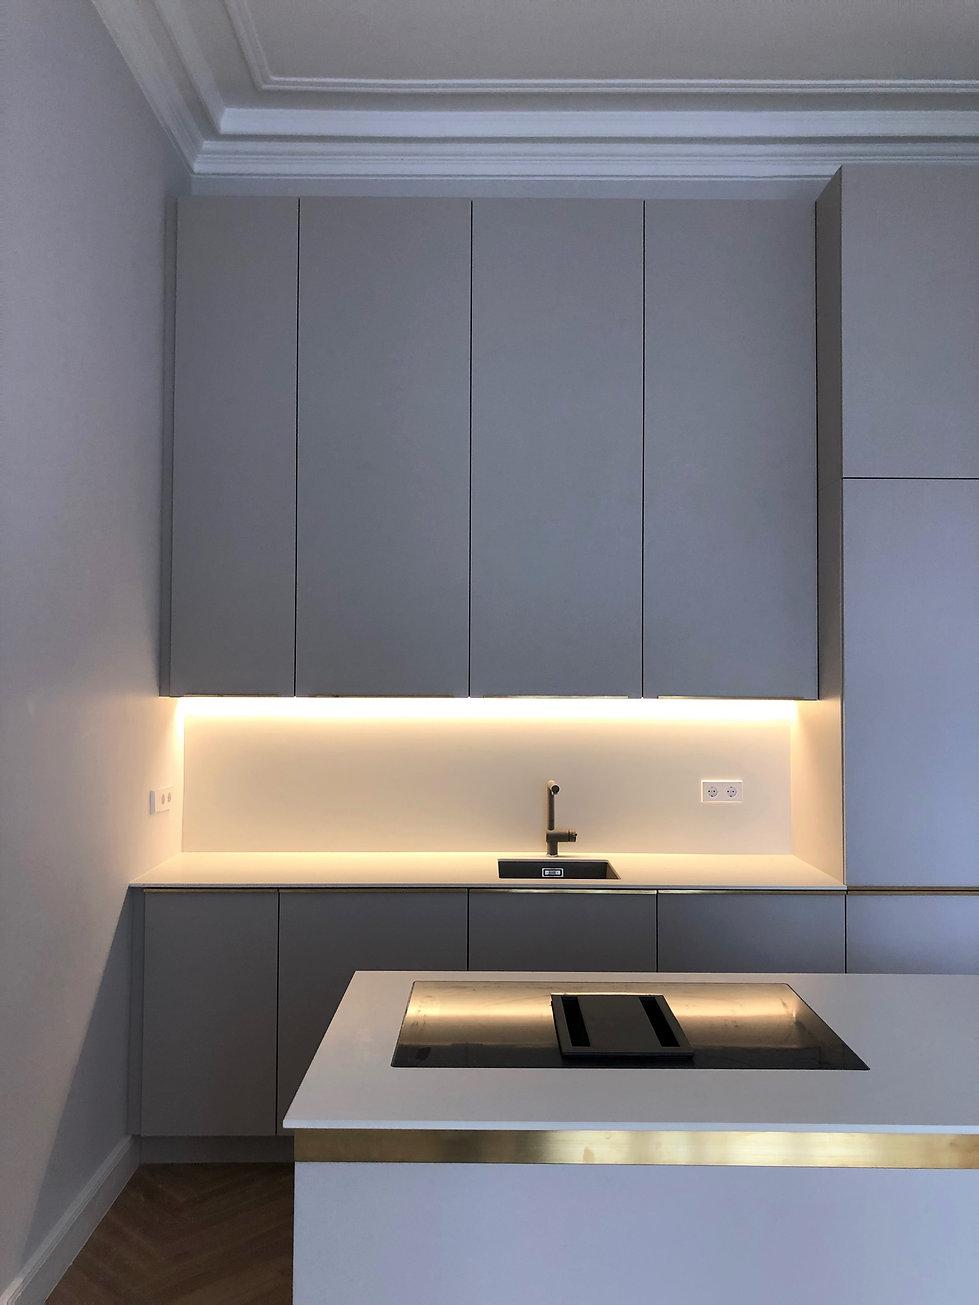 willion kitchen2.jpg